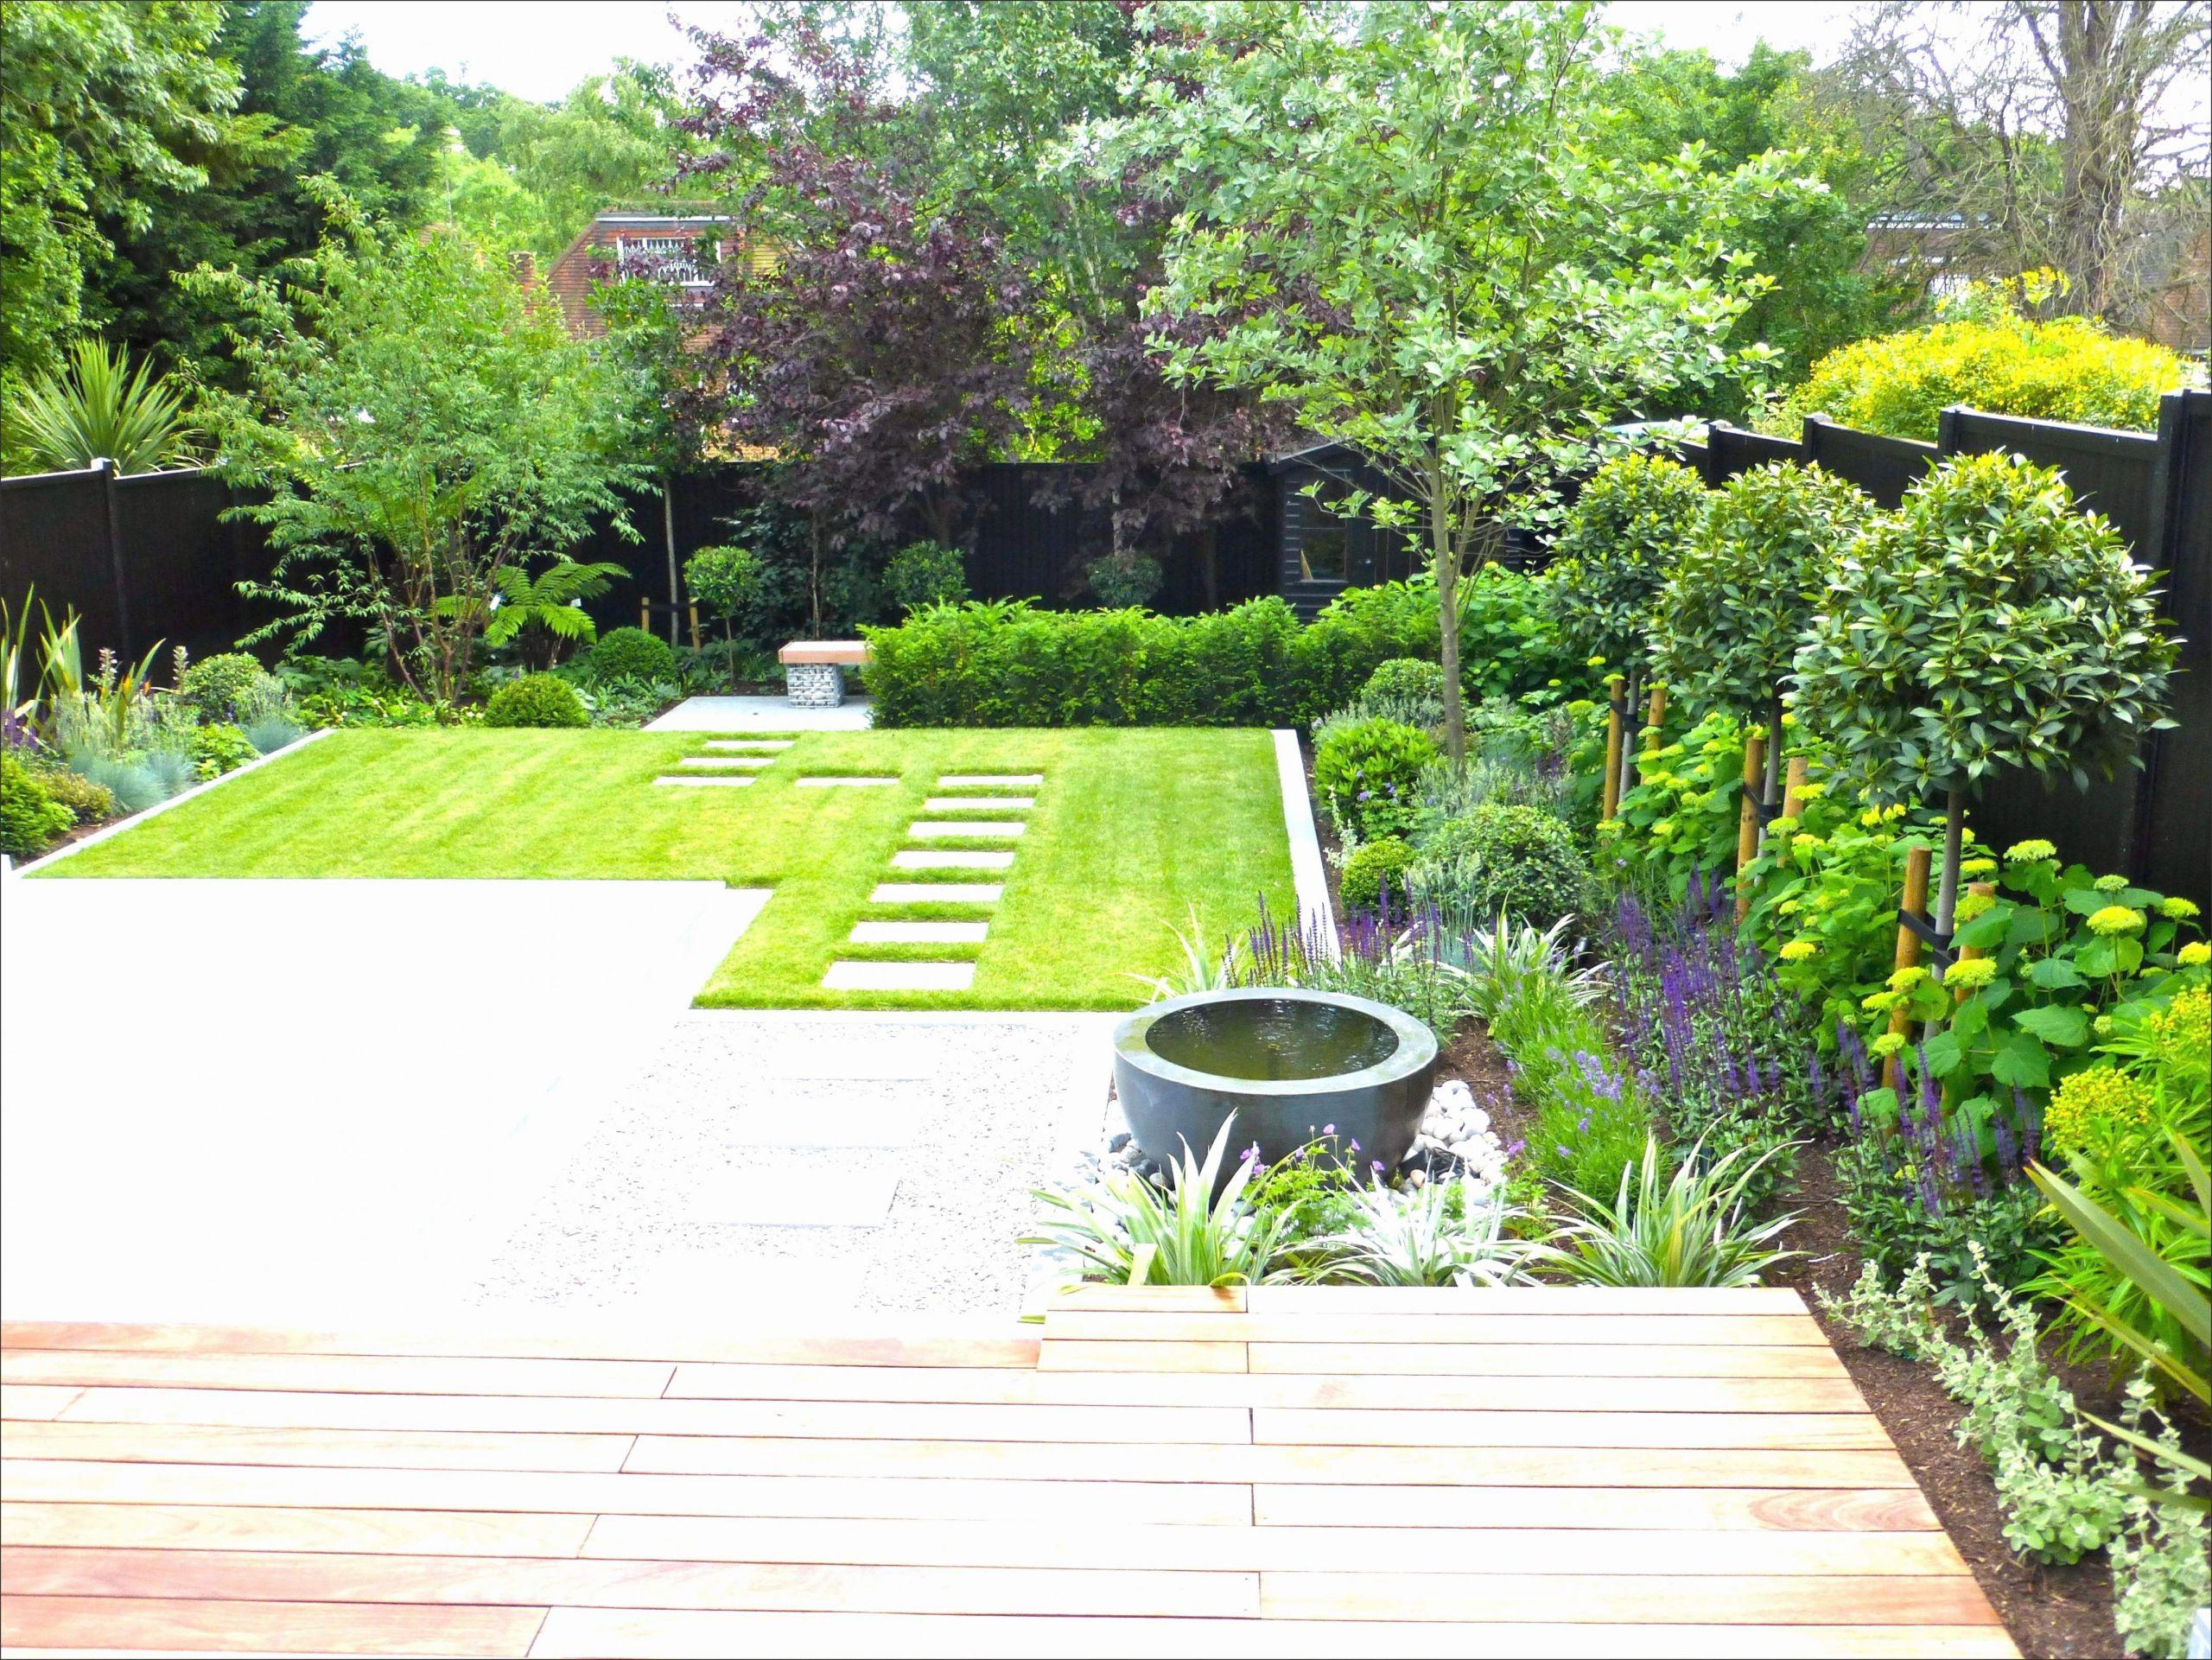 welche pflanzen als sichtschutz 42 architektur pflanzen als sichtschutz terrasse pflanzen als sichtschutz terrasse